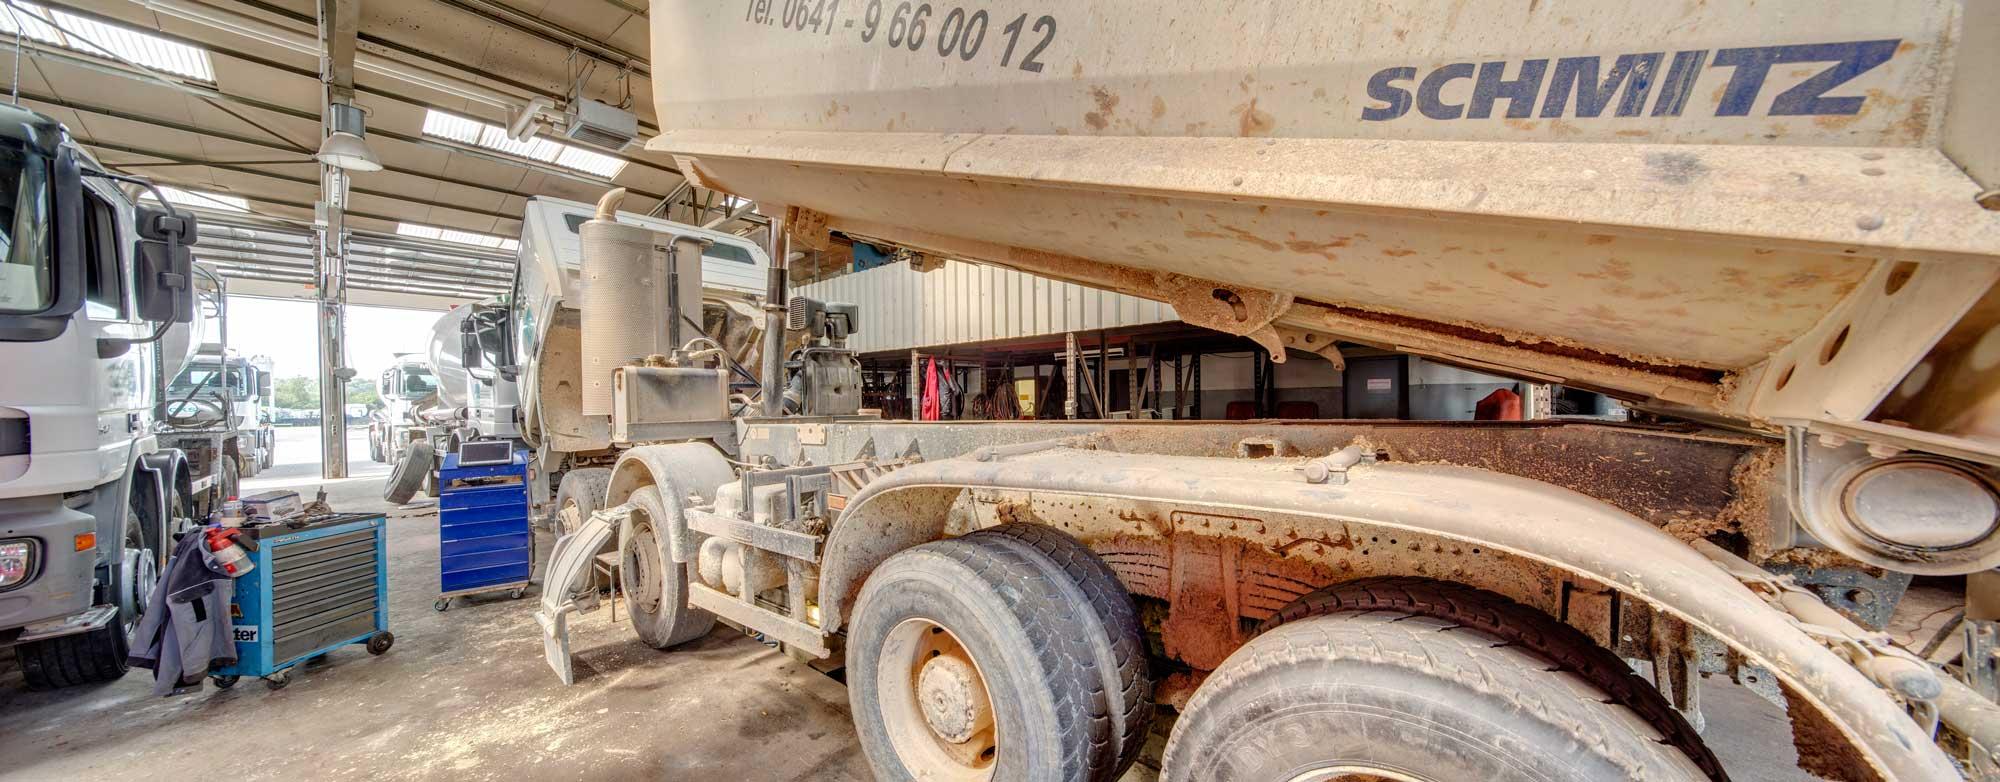 Zuverlassige Werkstatt für Ihren Truck